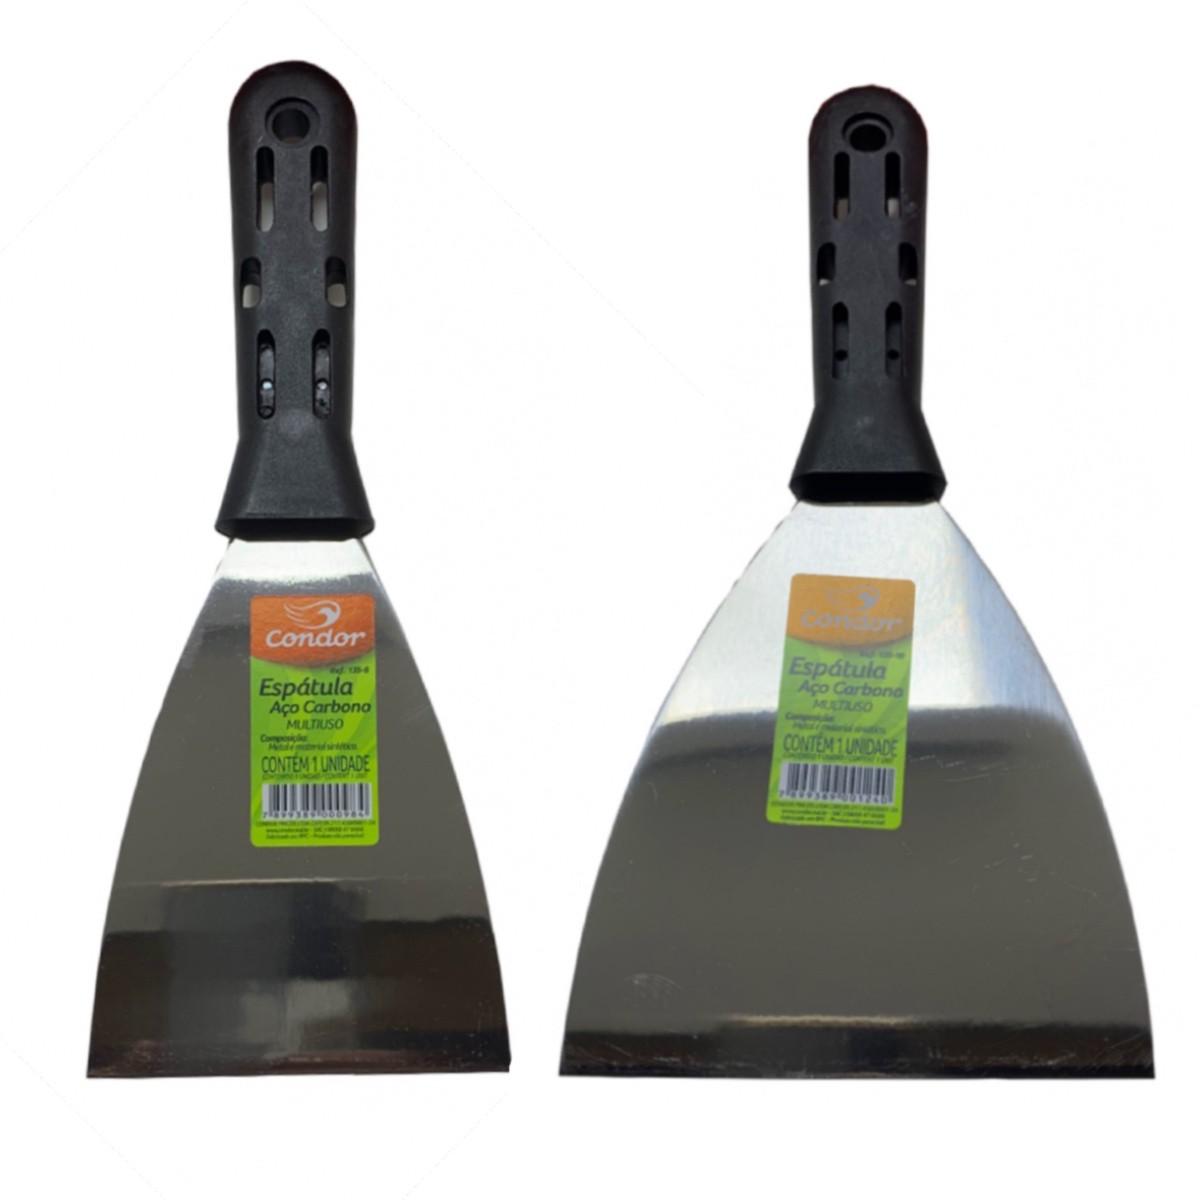 Kit 5 Espatulas Aço Carbono 4cm, 6cm, 8cm, 10cm e 12cm